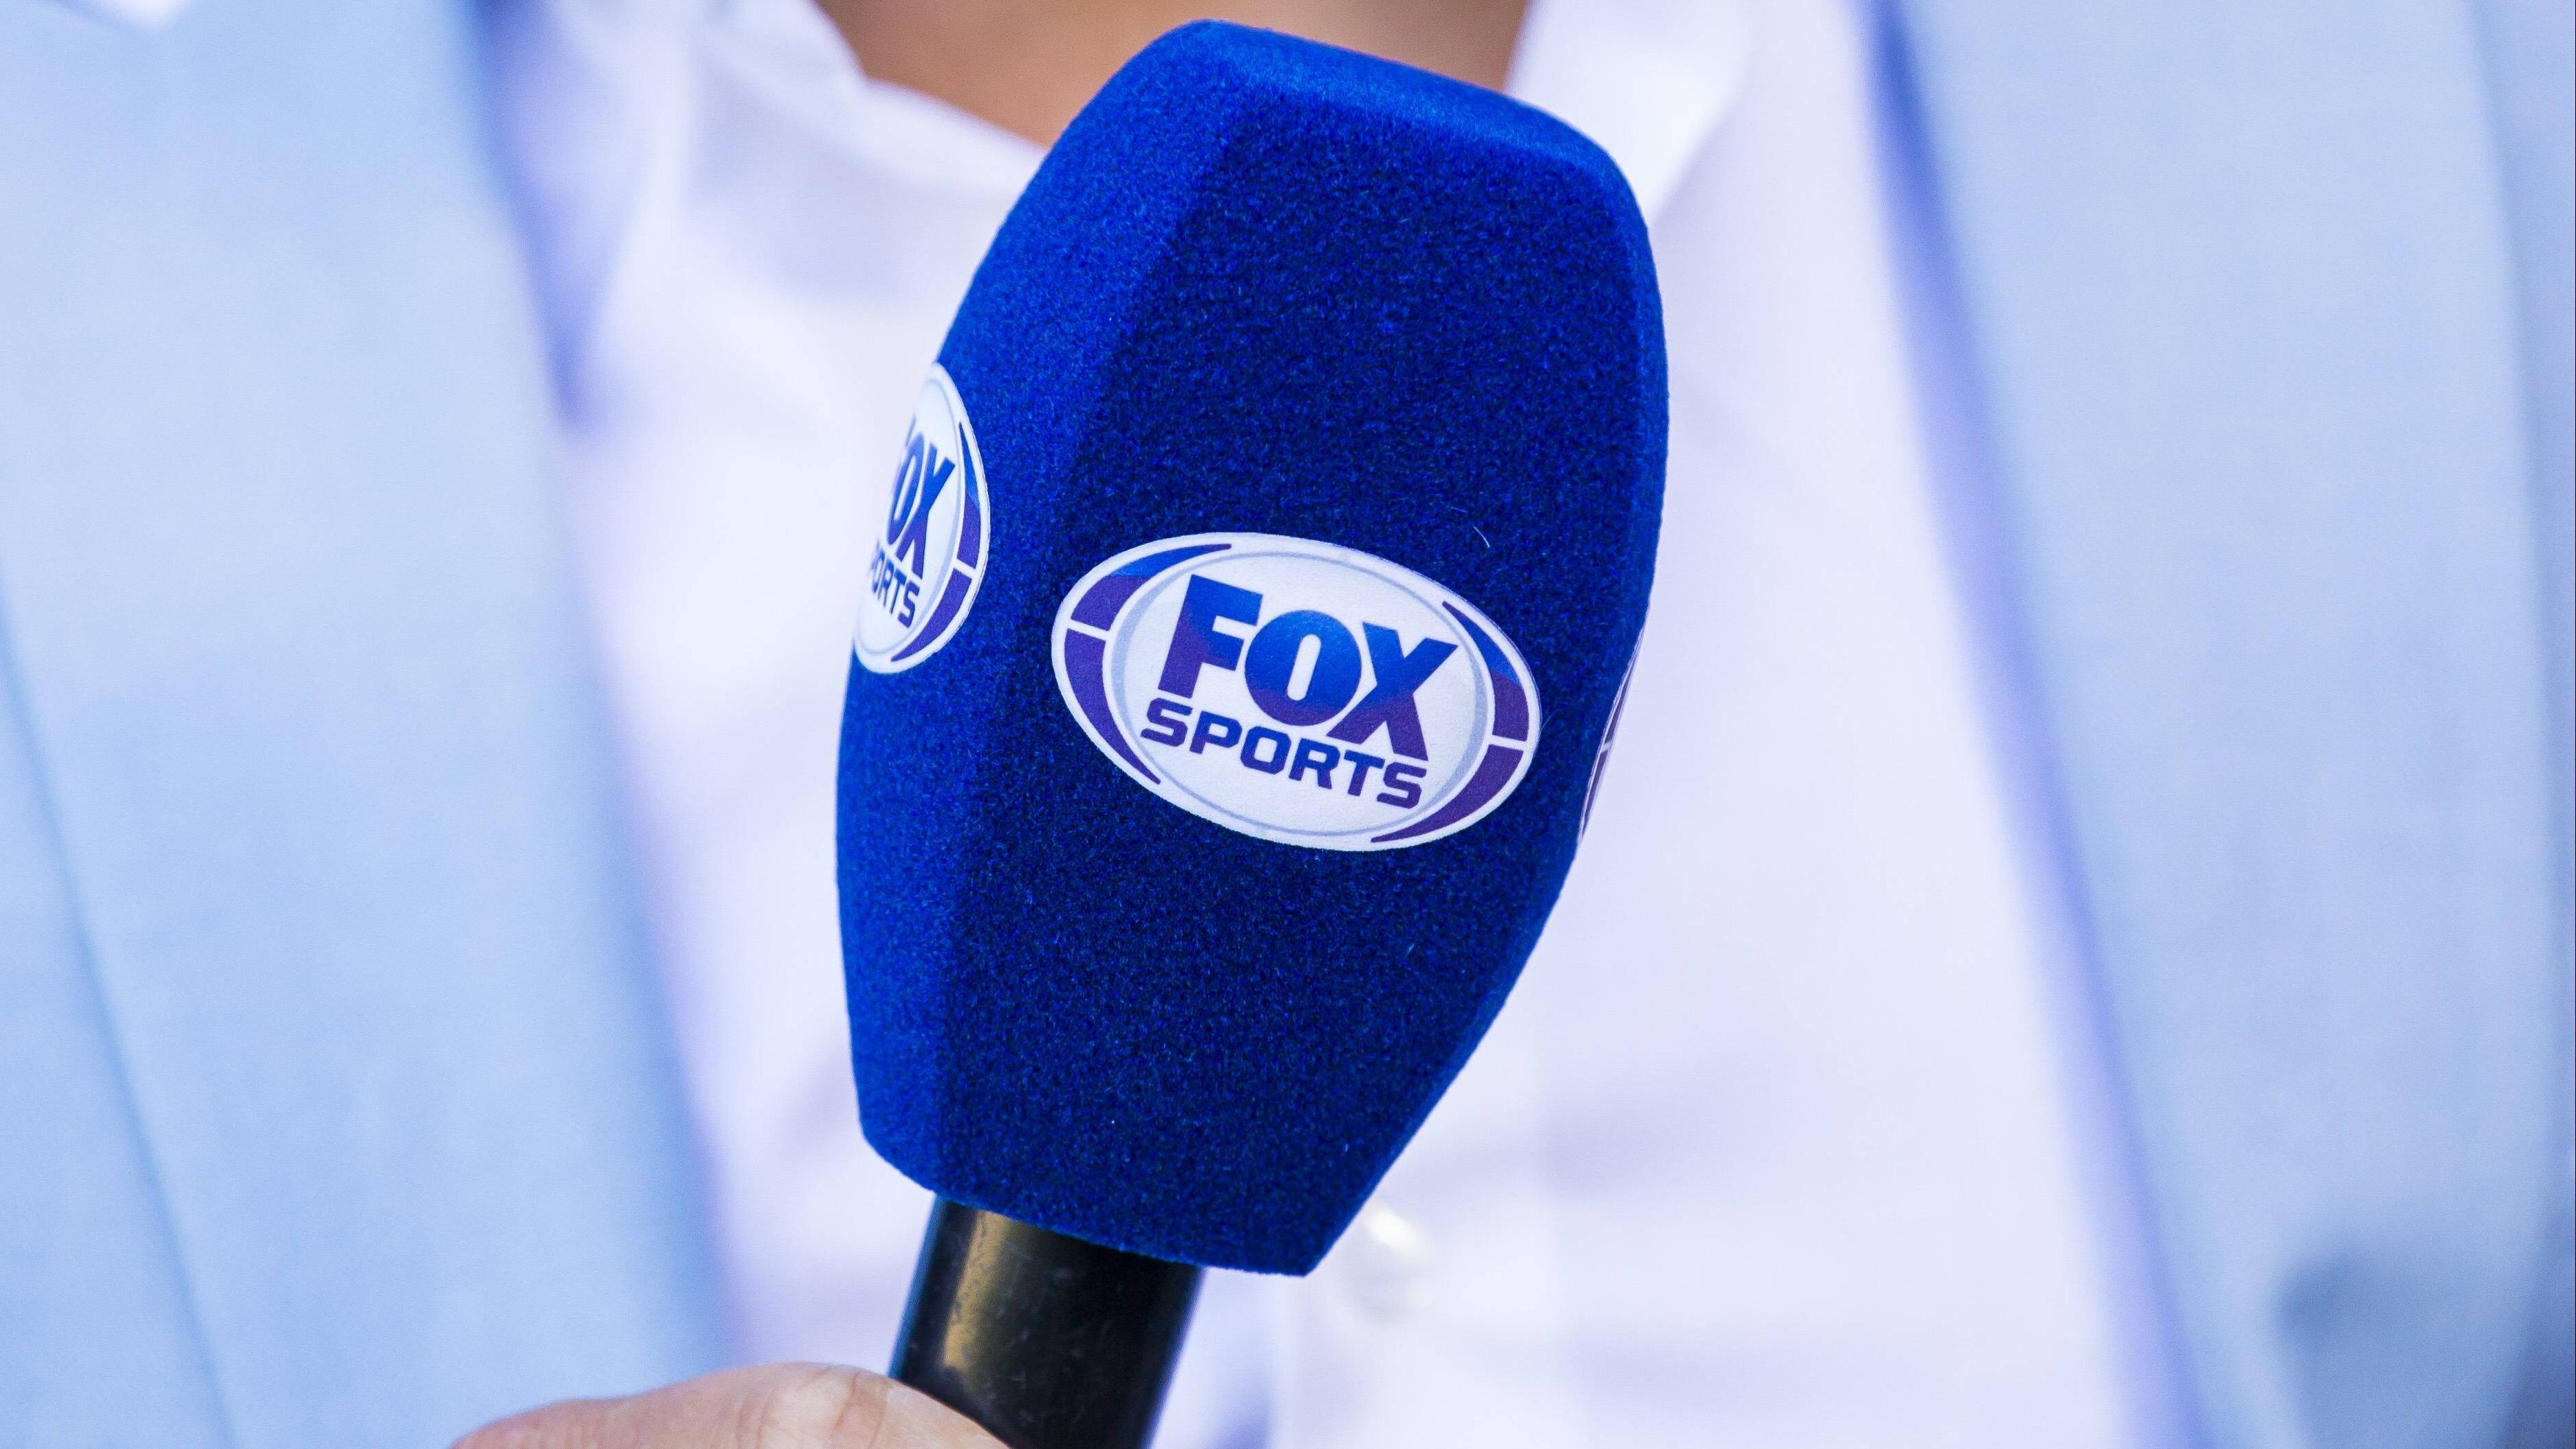 Fox in Deutschland empfangen - so funktioniert's